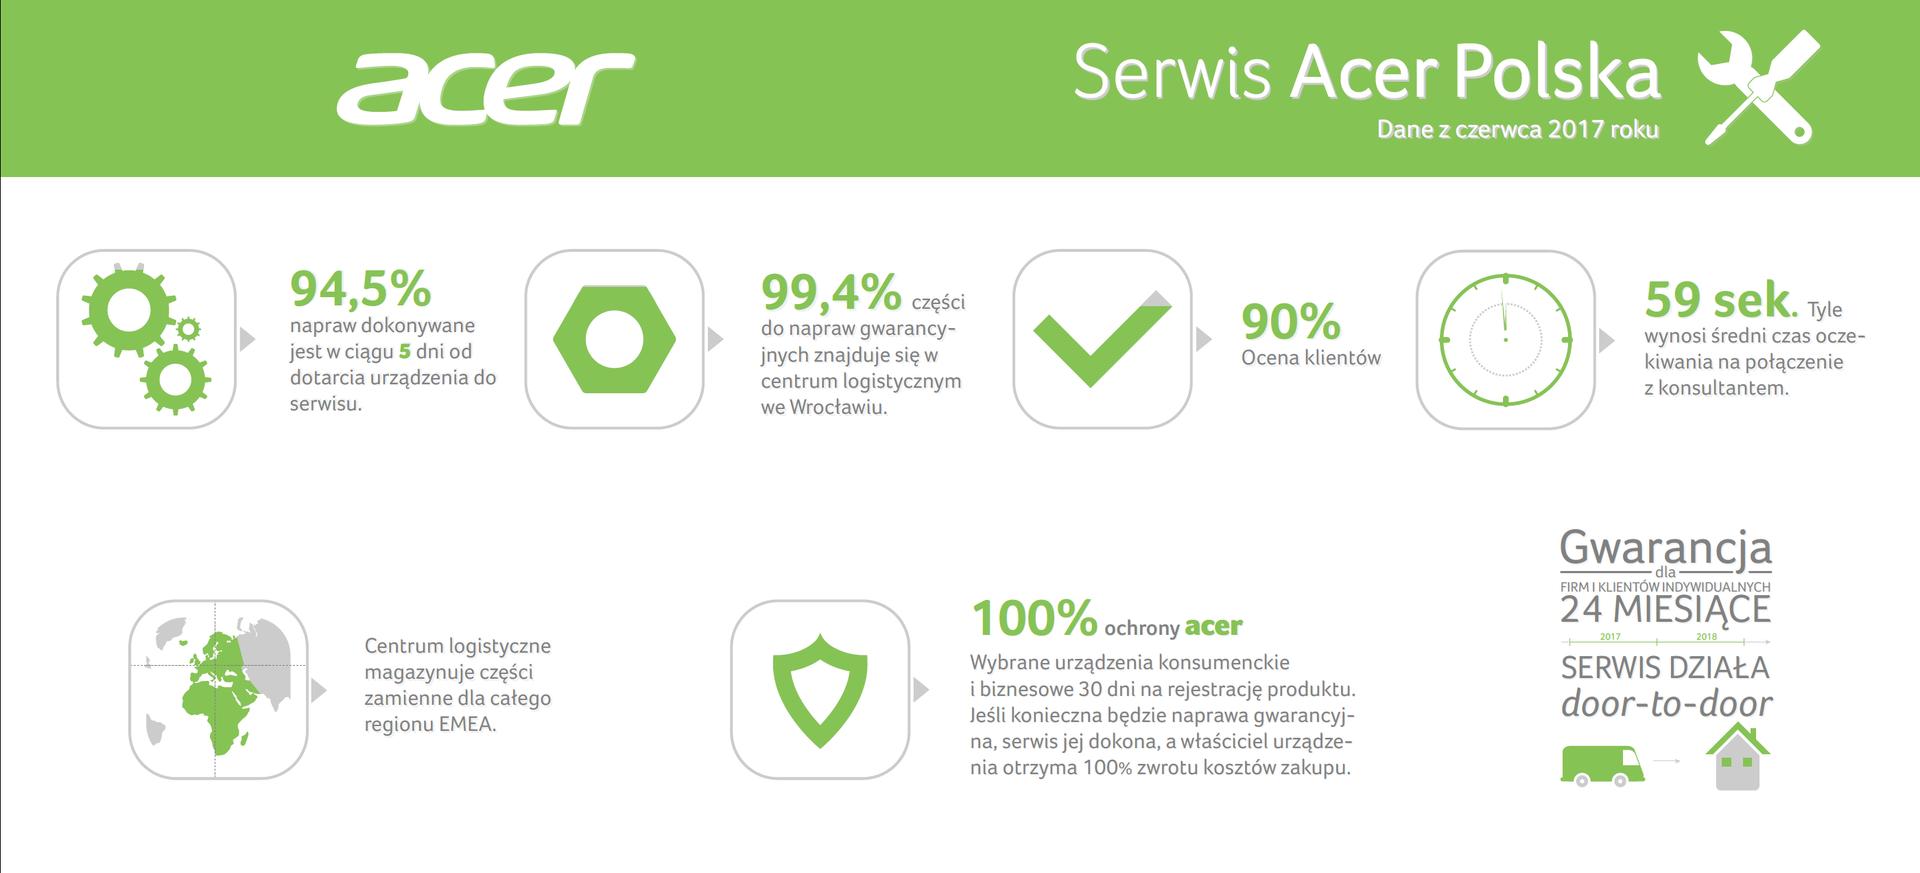 90% klientów Acer jest zadowolonych z poziomu usług serwisowych